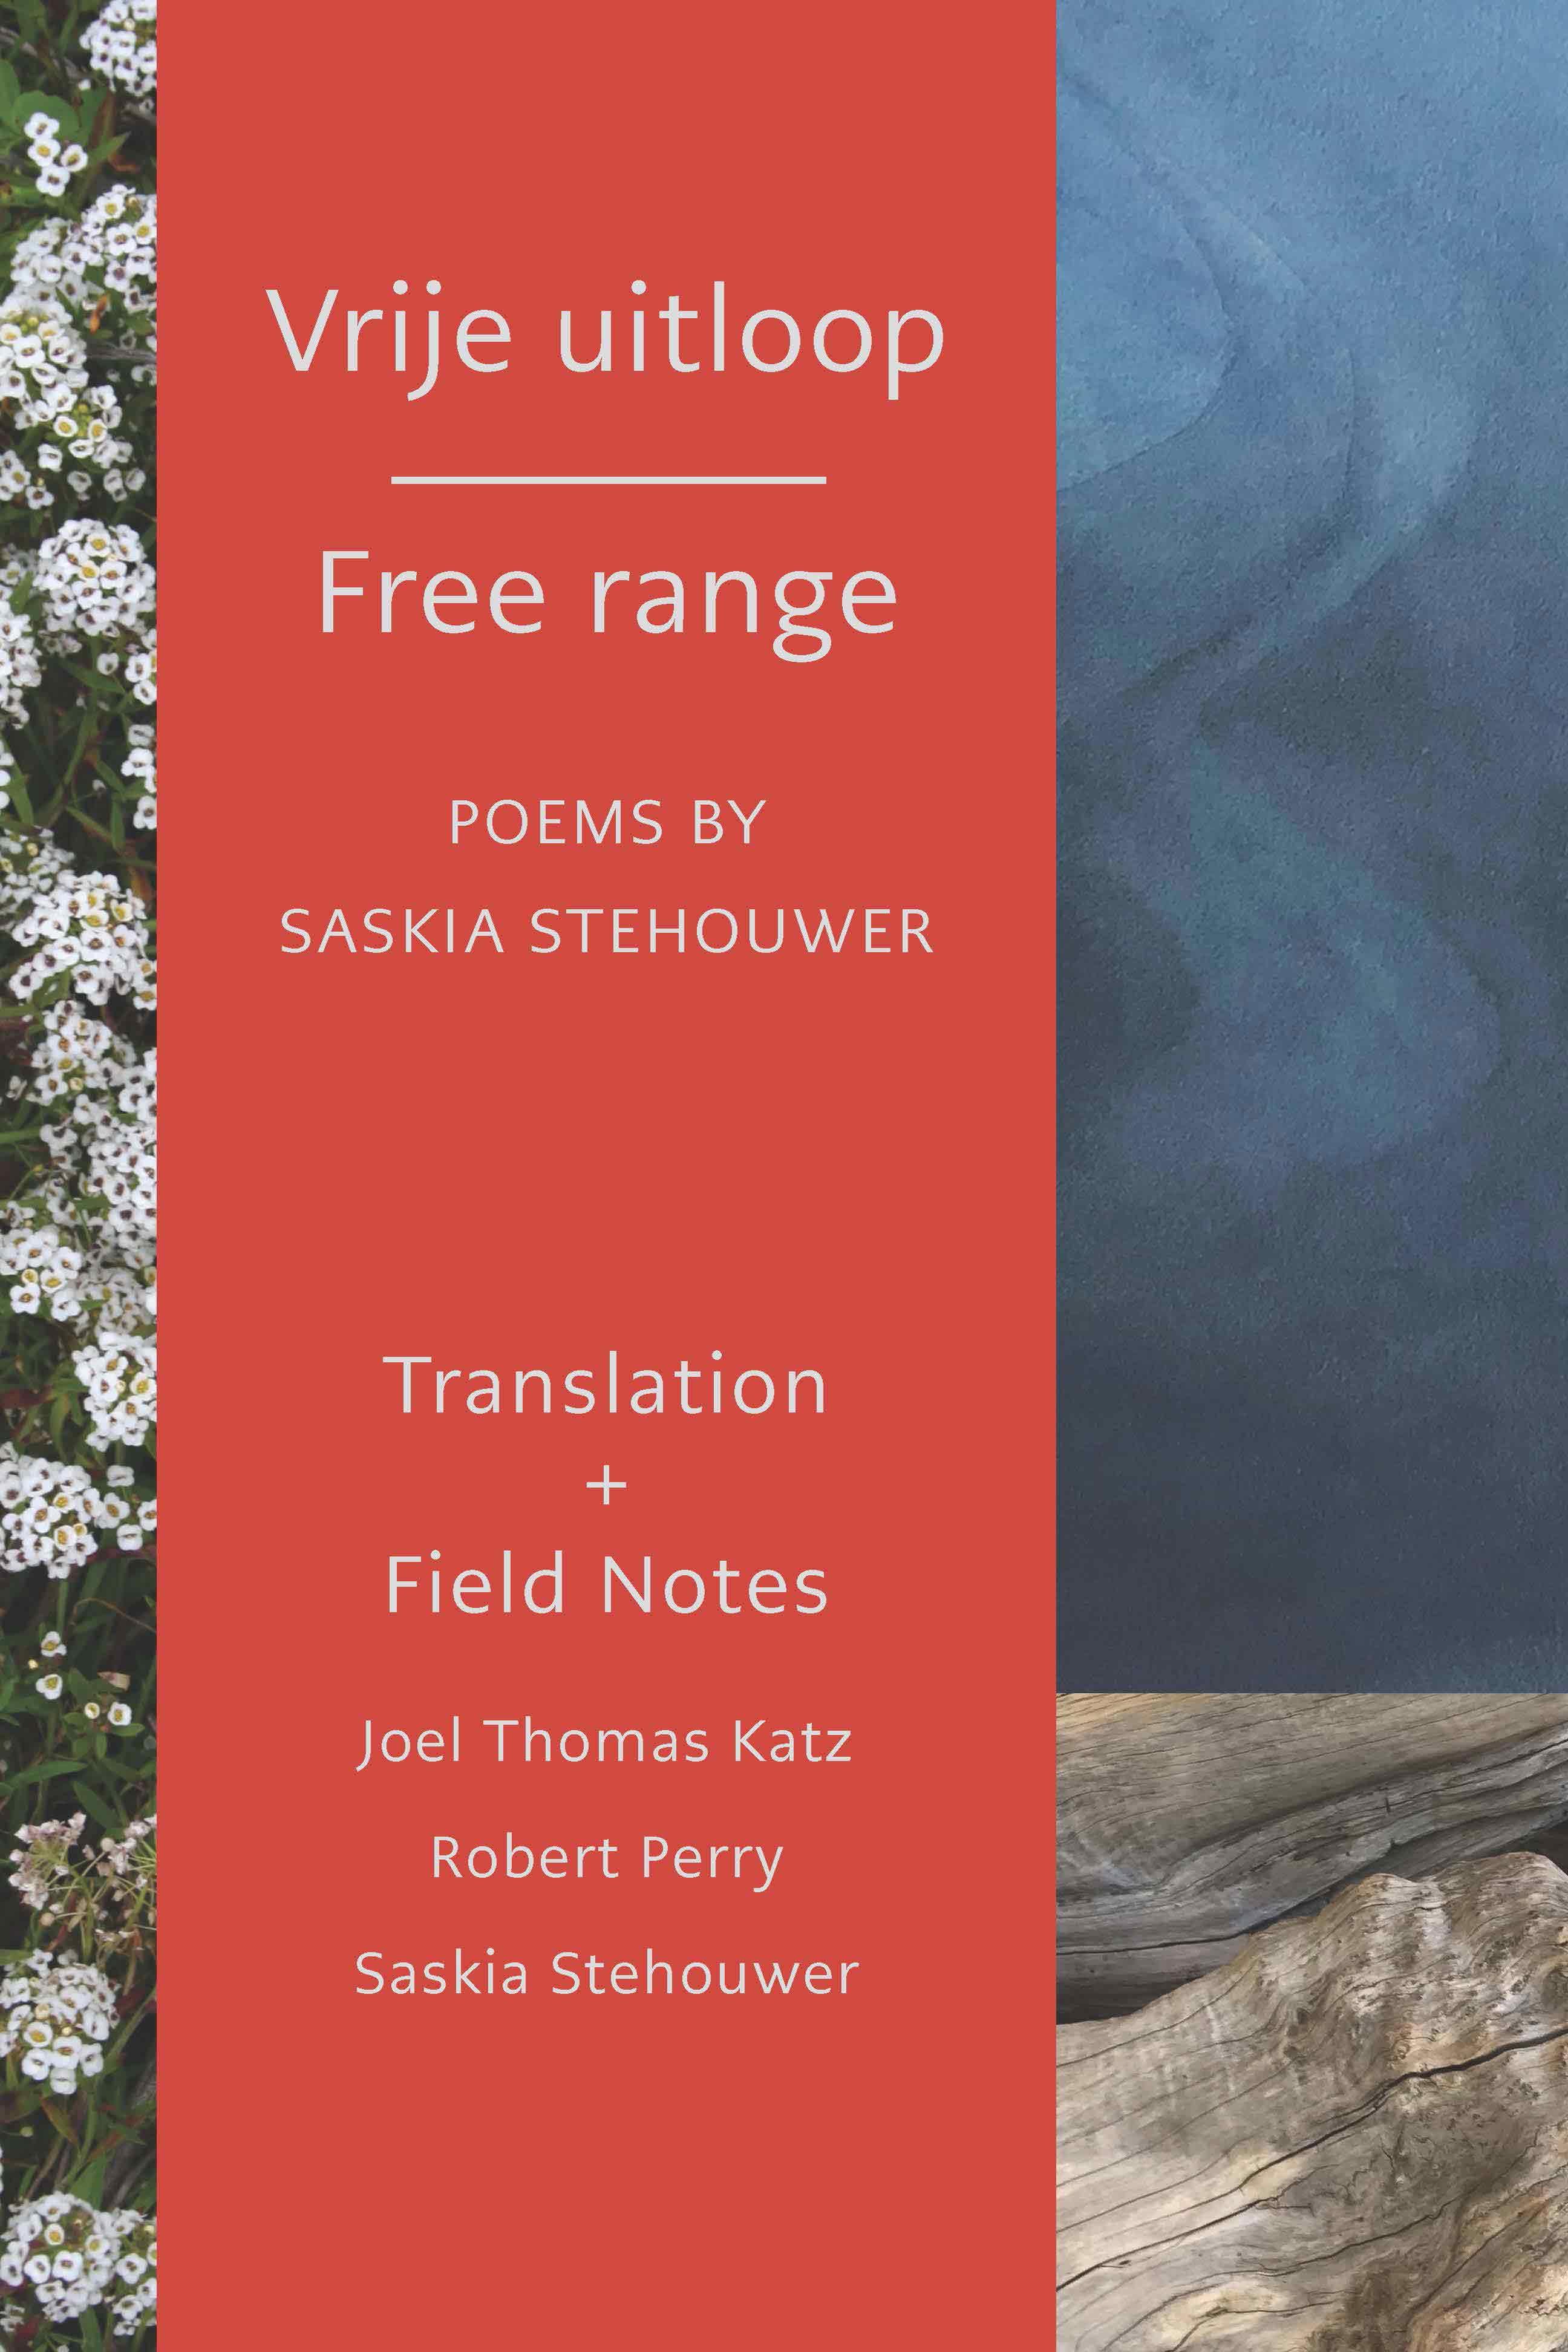 vrije uitloop free range